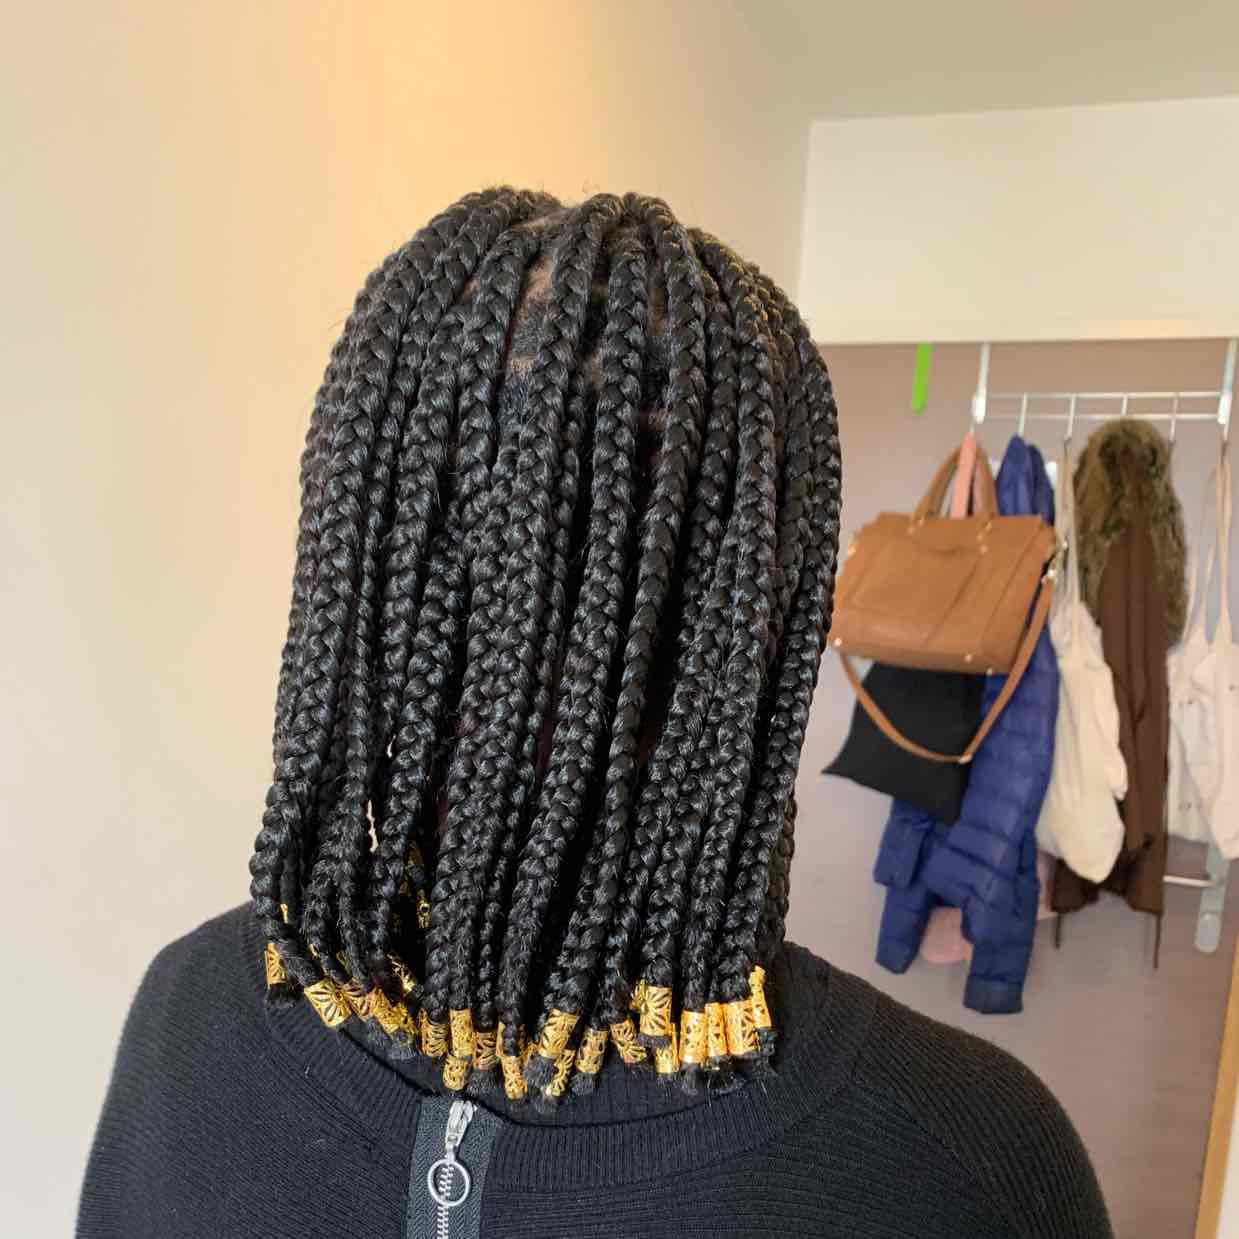 salon de coiffure afro tresse tresses box braids crochet braids vanilles tissages paris 75 77 78 91 92 93 94 95 VFYHGGVS